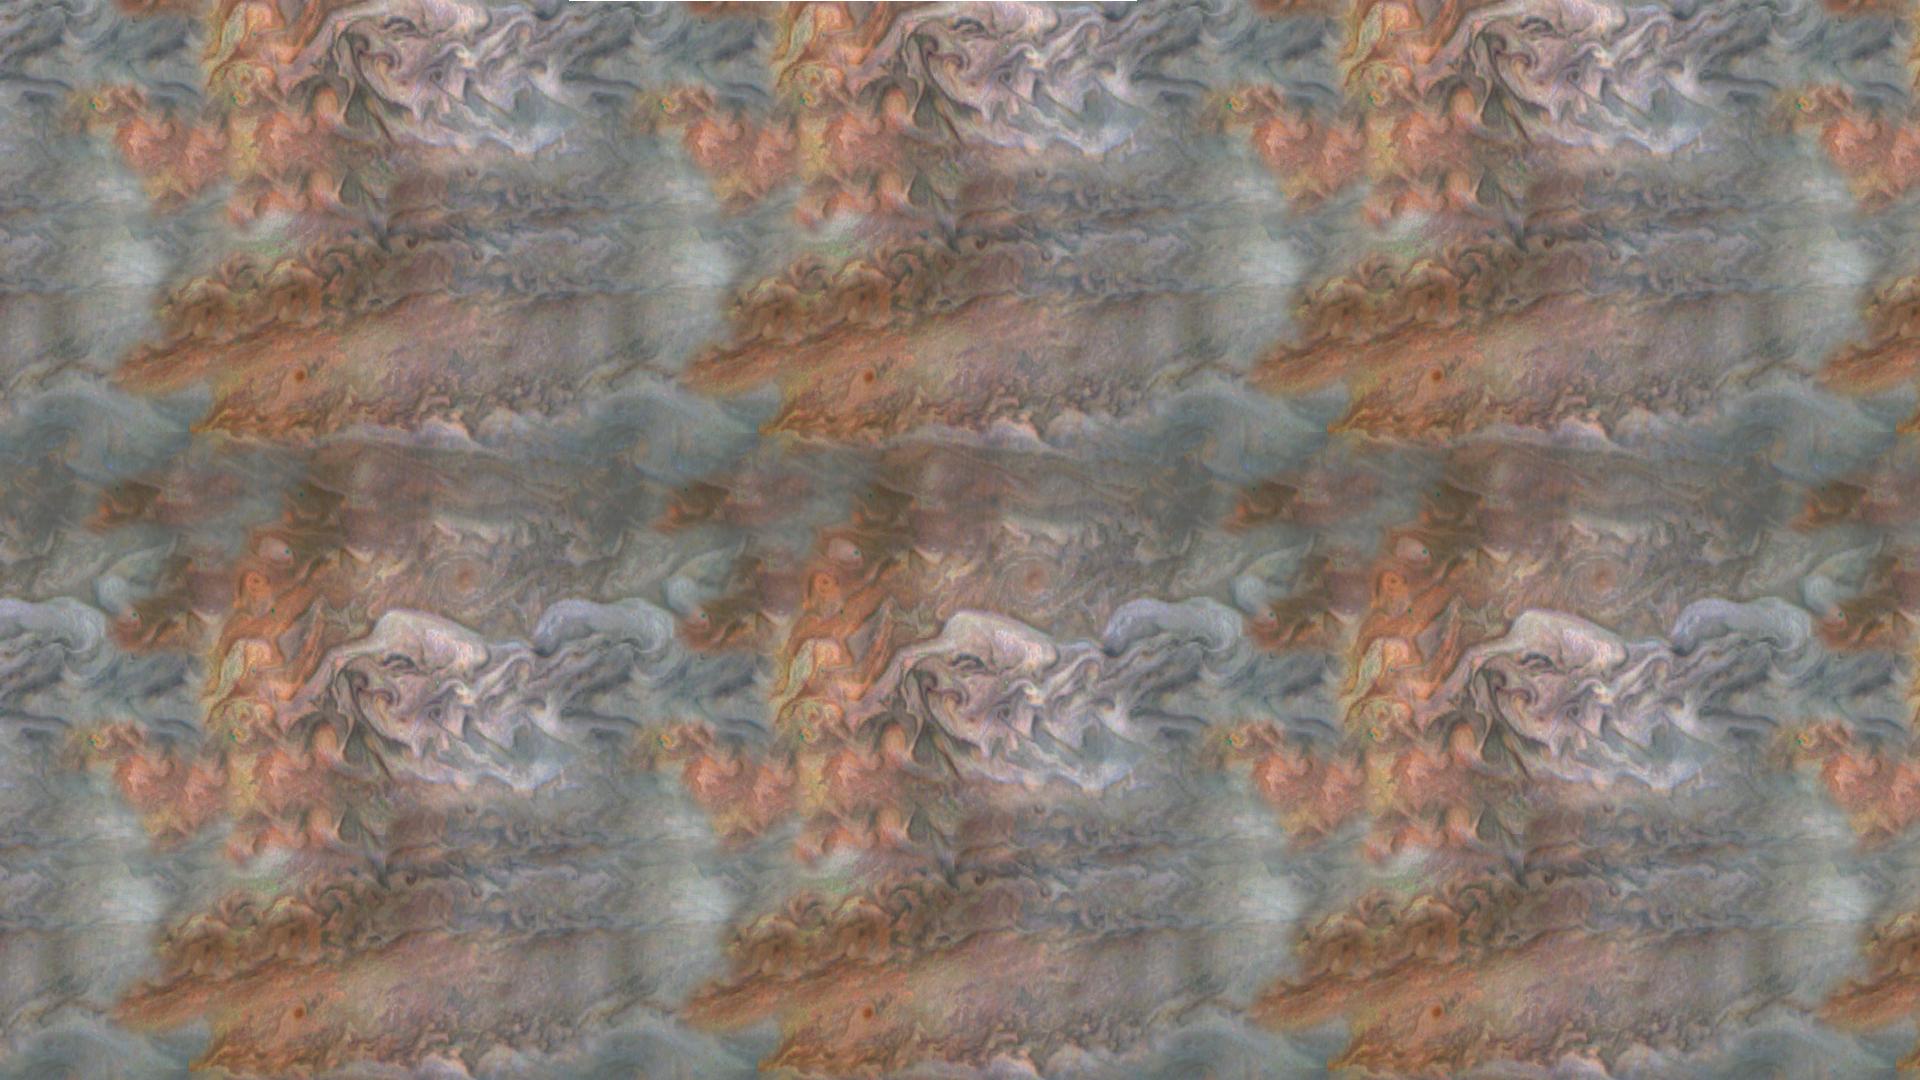 Jupiter Wallpaper Nasa